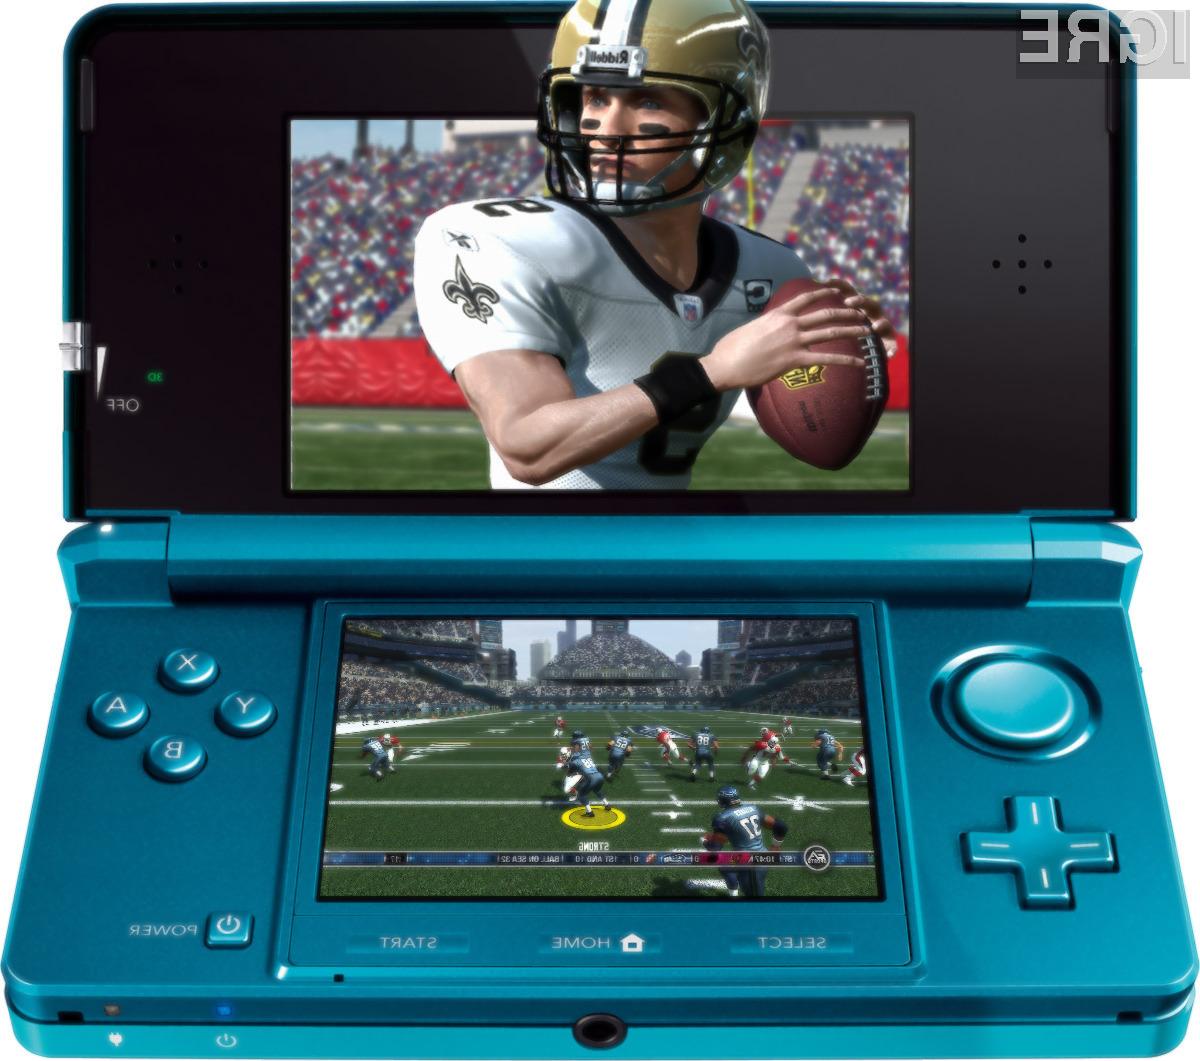 3D tehnologija v Nintendovi ročni konzoli je sicer marsikomu všeč, a kot kaže bo moral Nintendo za njo še malo plačati.